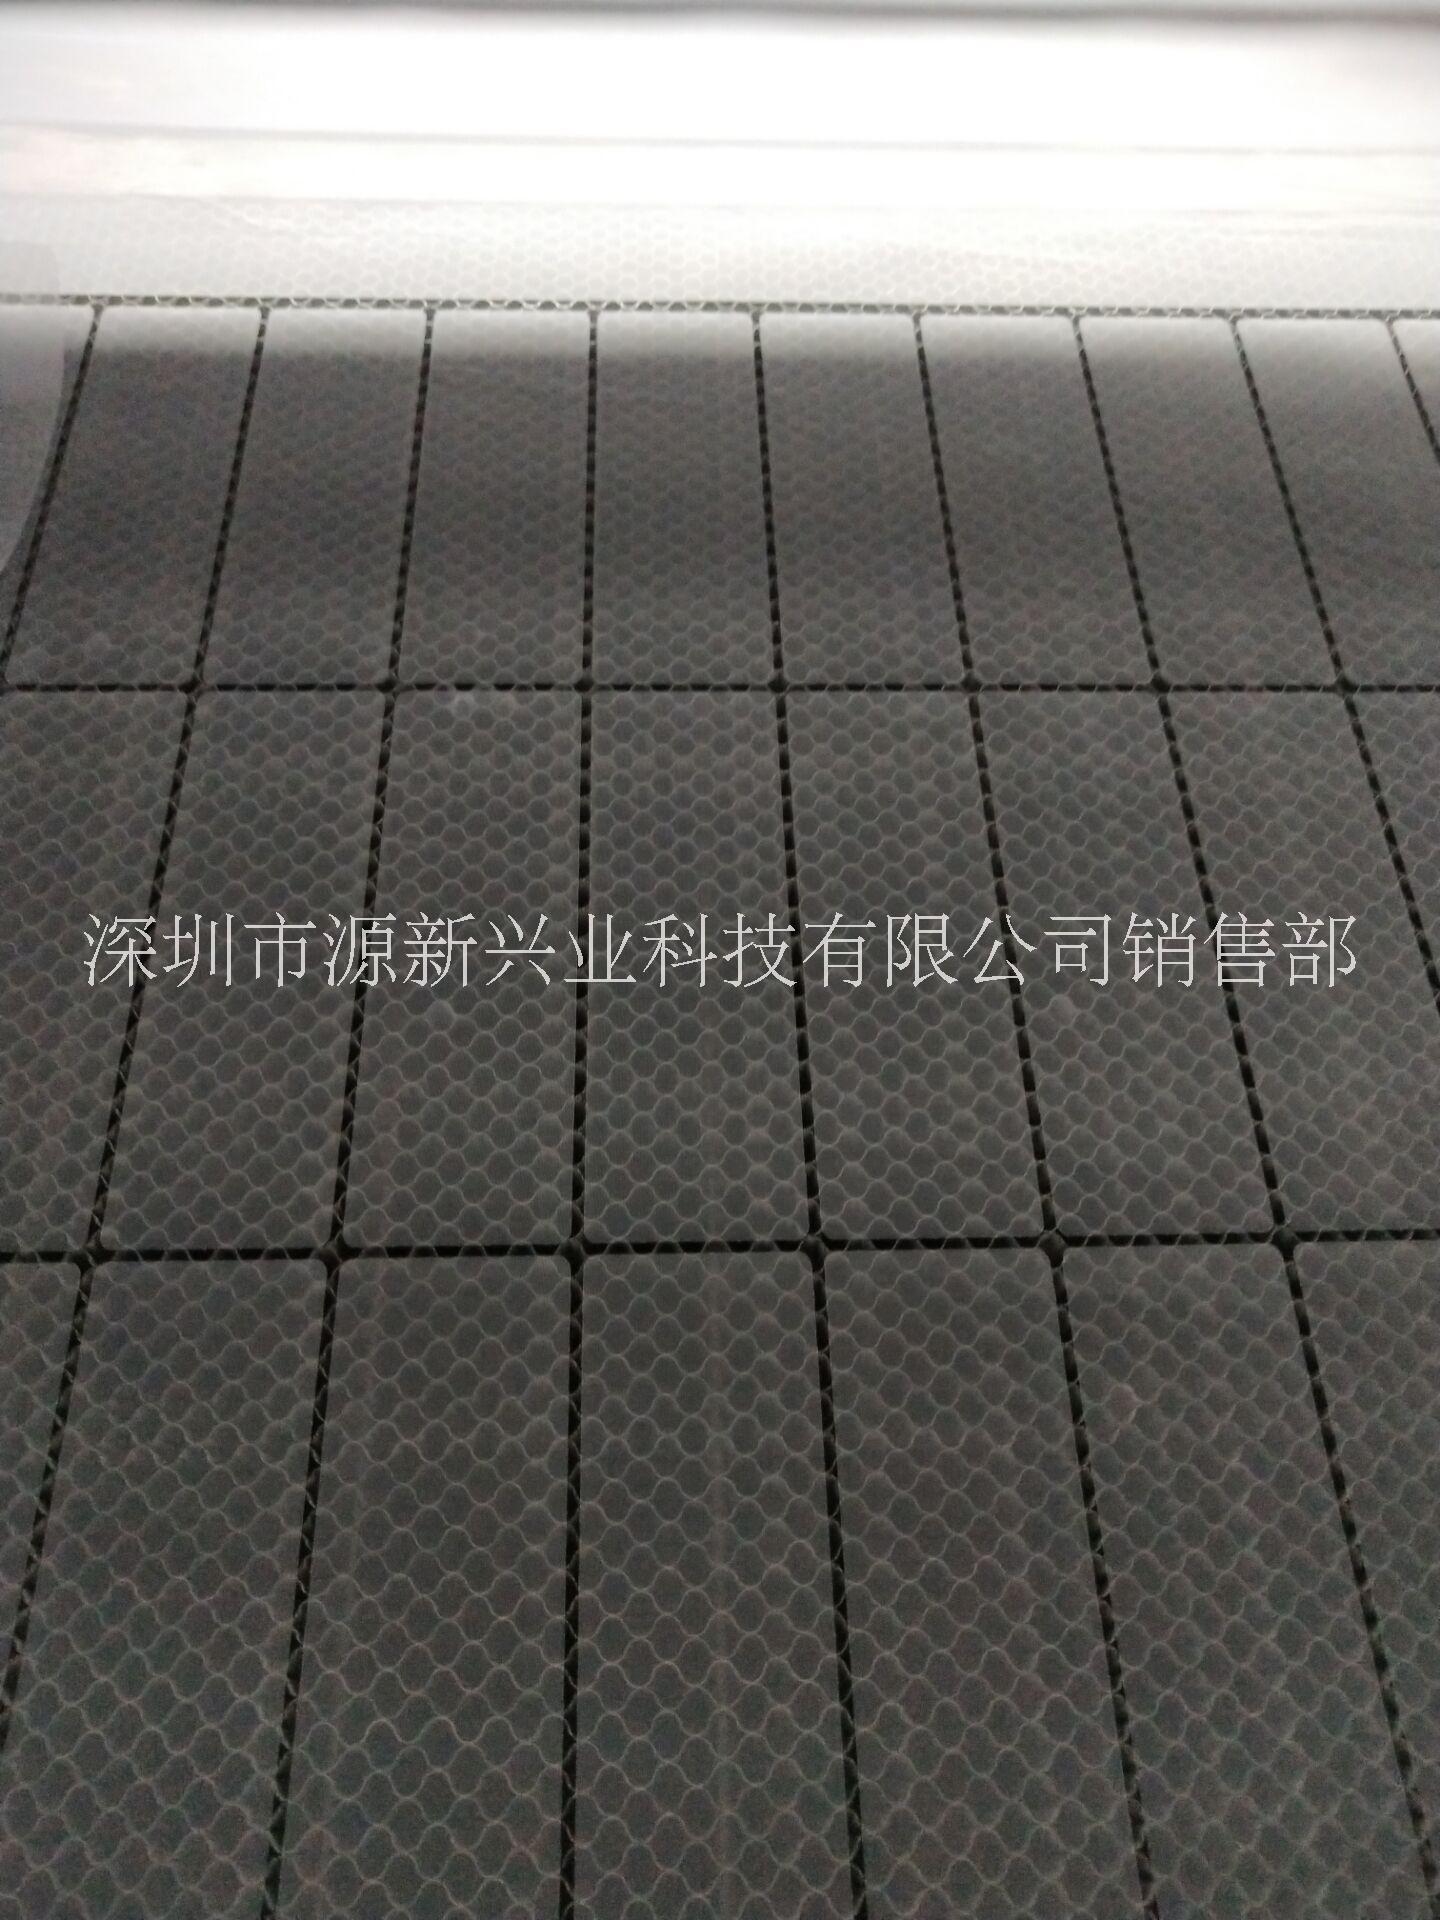 100目涤纶网布供应商